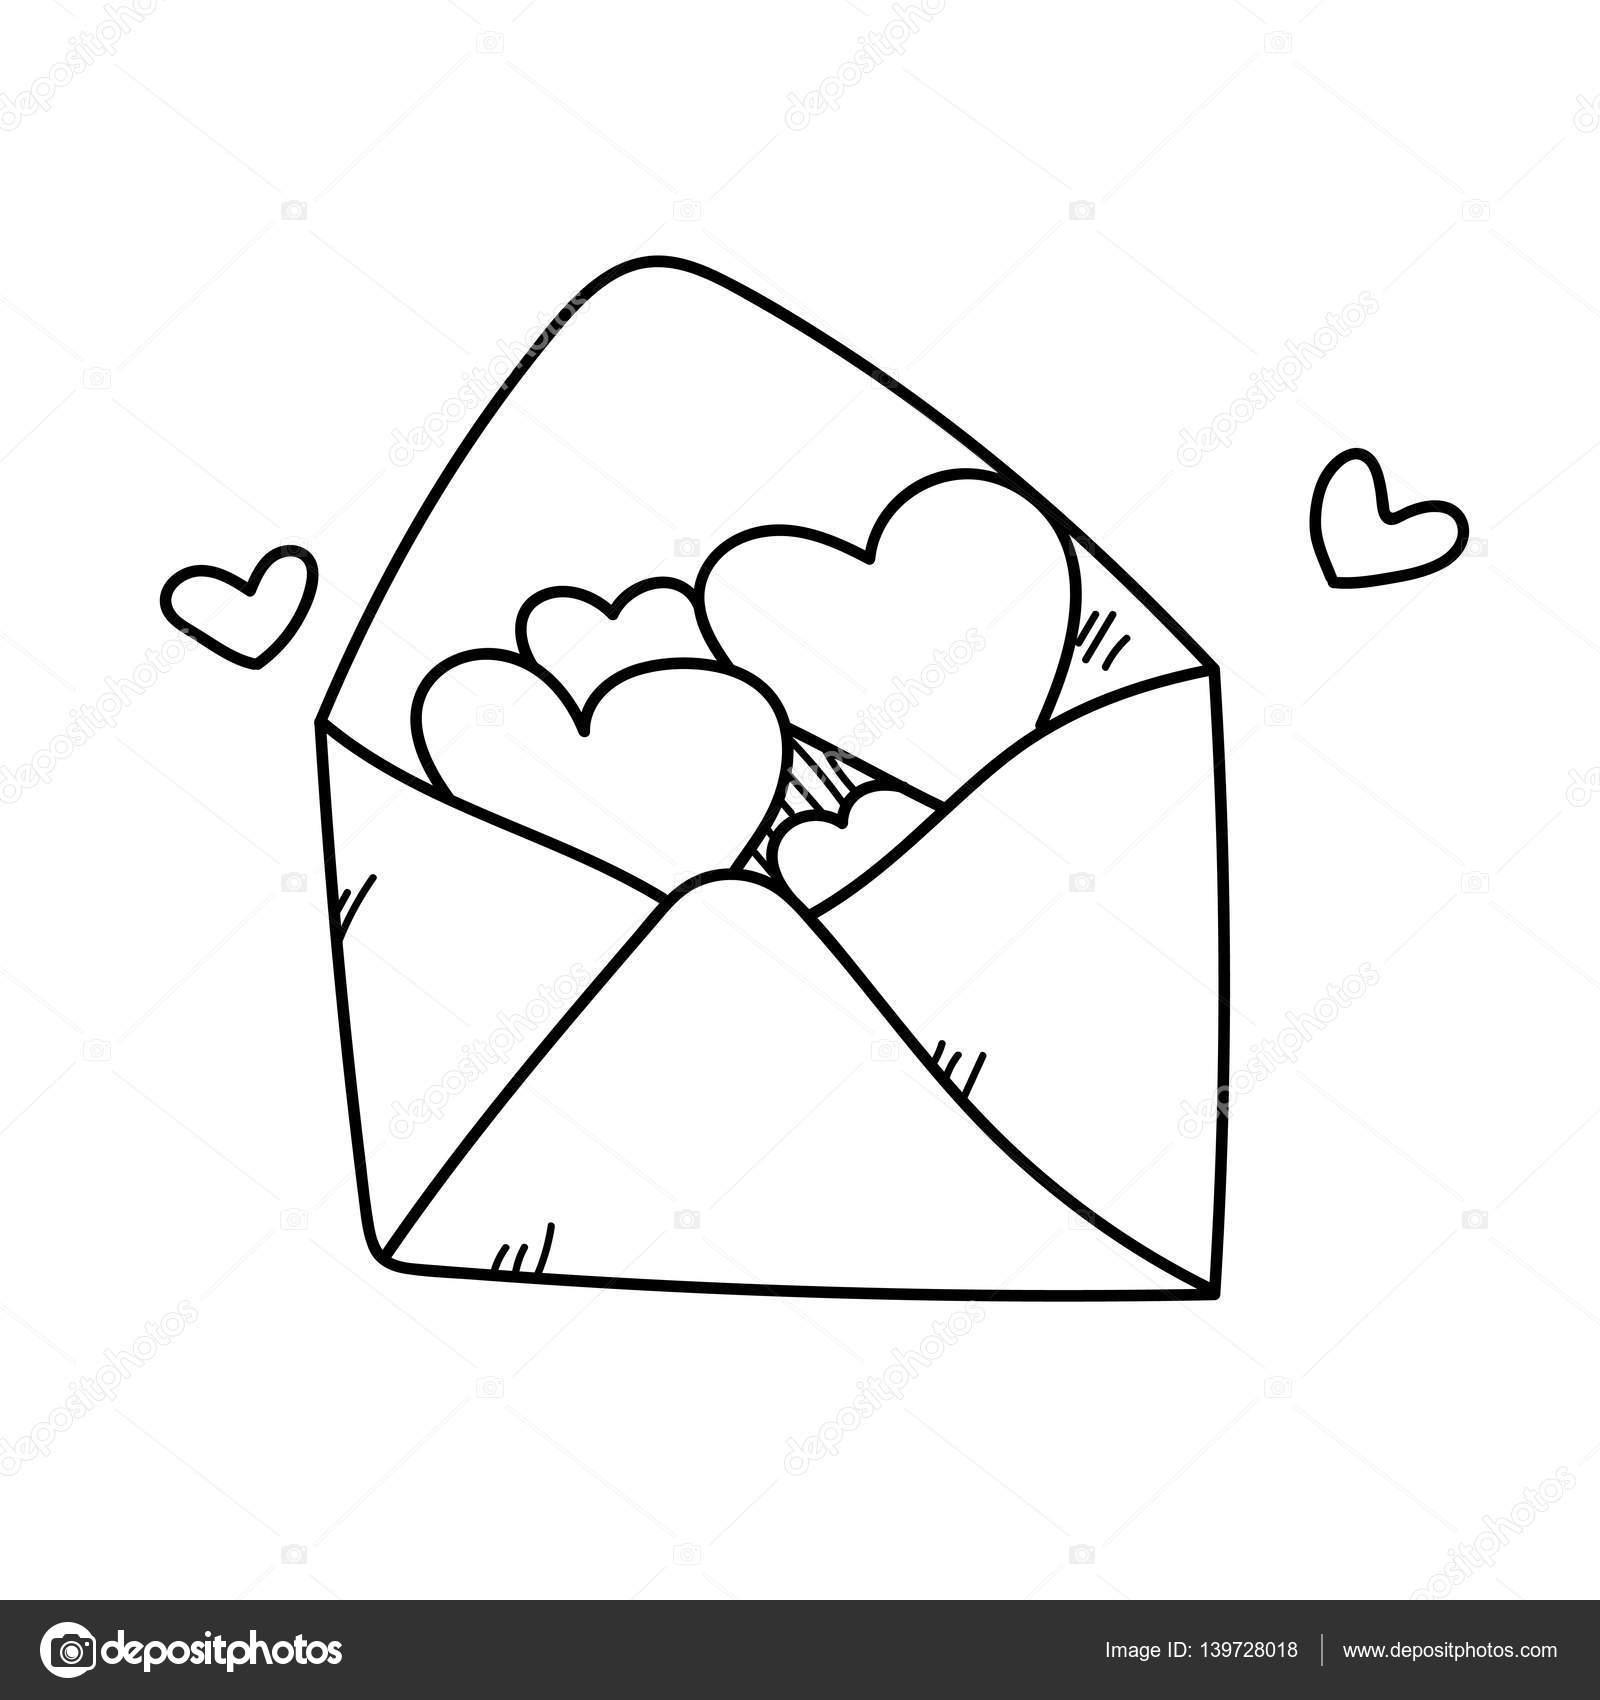 Dessin à Main Levée Illustration Lettre Amour Photographie